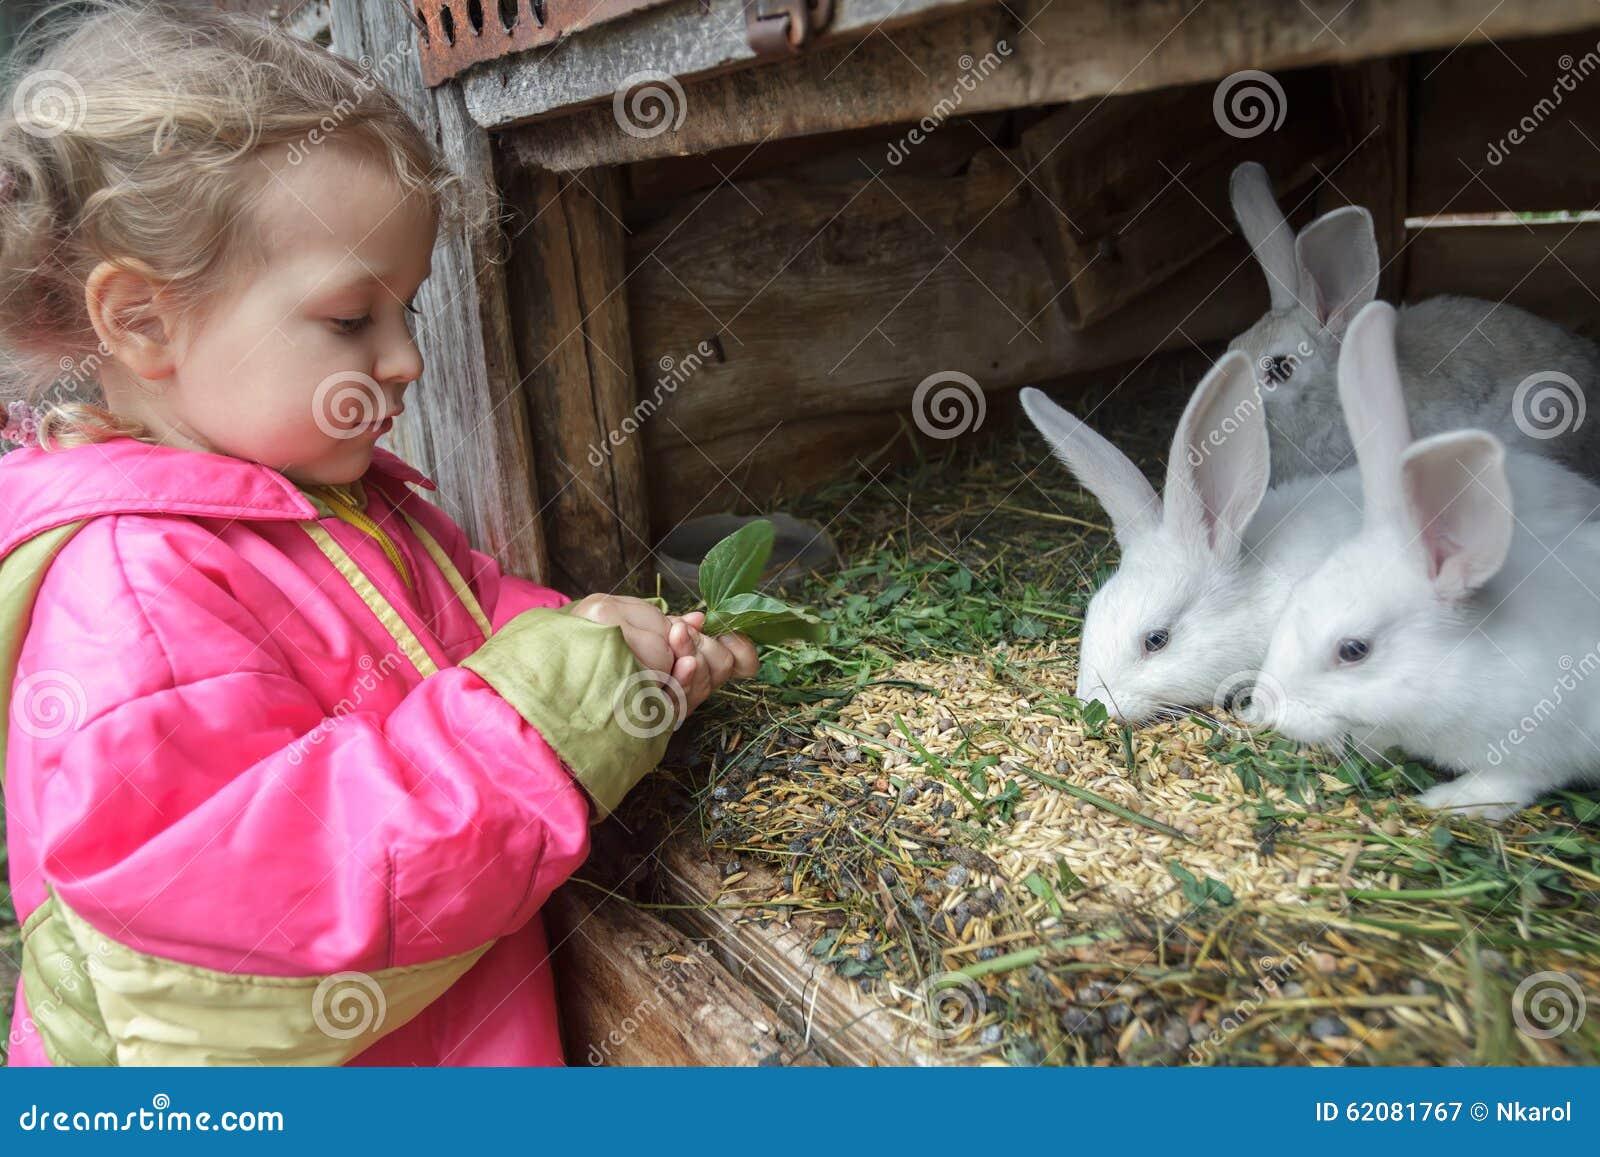 学龄前儿童白肤金发的女孩哺养的农场与欧洲亚麻籽车前的家兔生叶